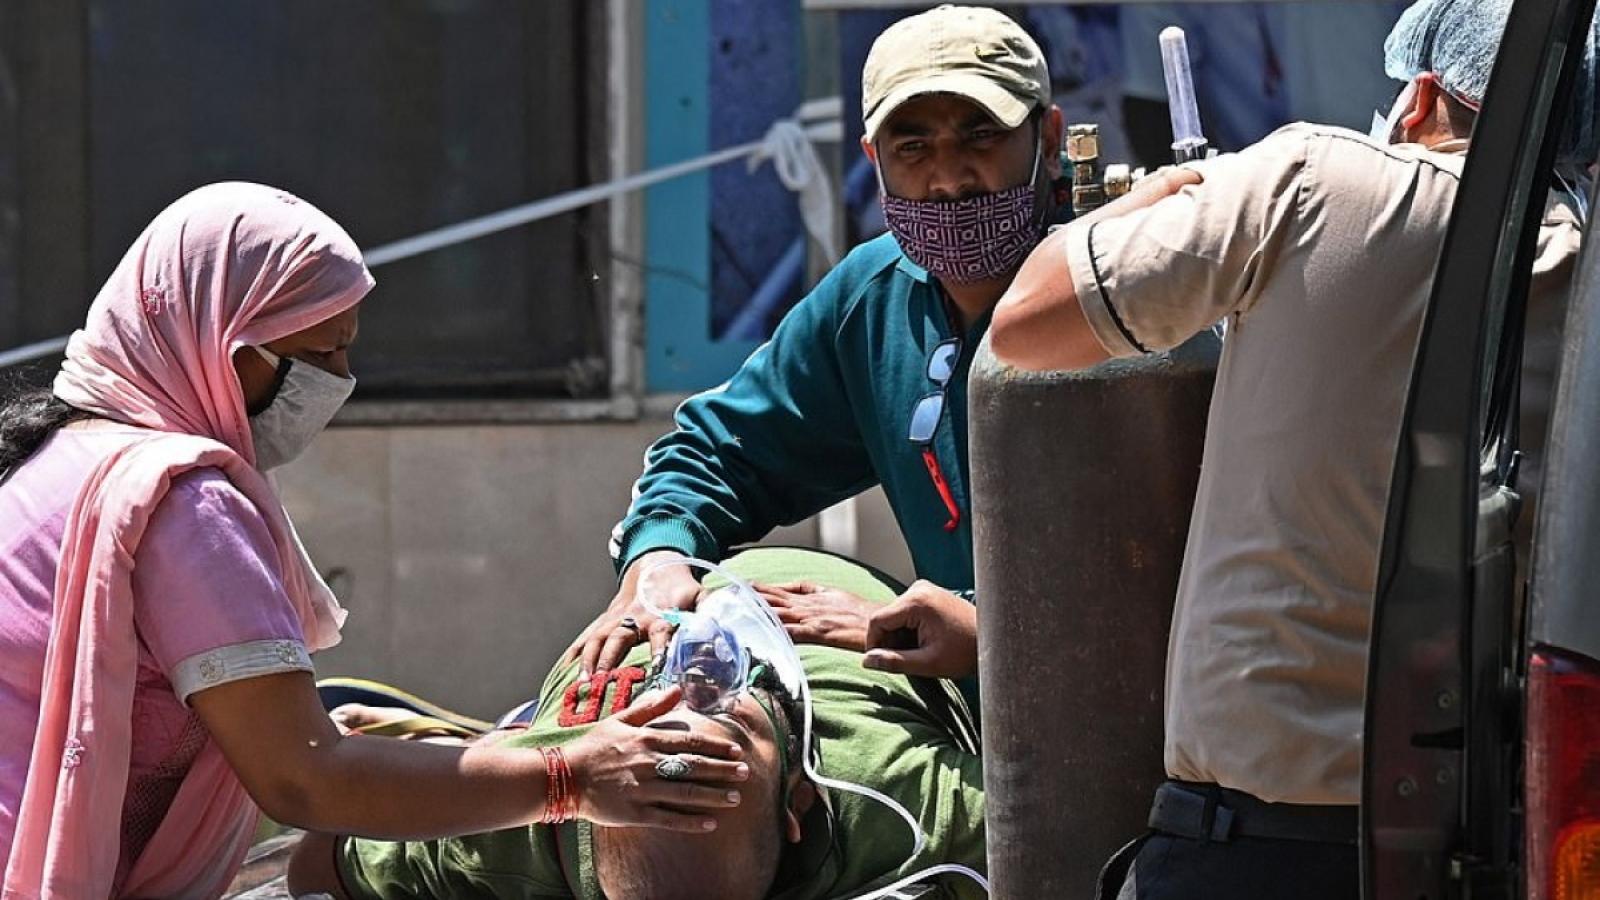 Mỹ hỗ trợ khẩn cấp giúp Ấn Độ ứng phó với dịch bệnh Covid-19